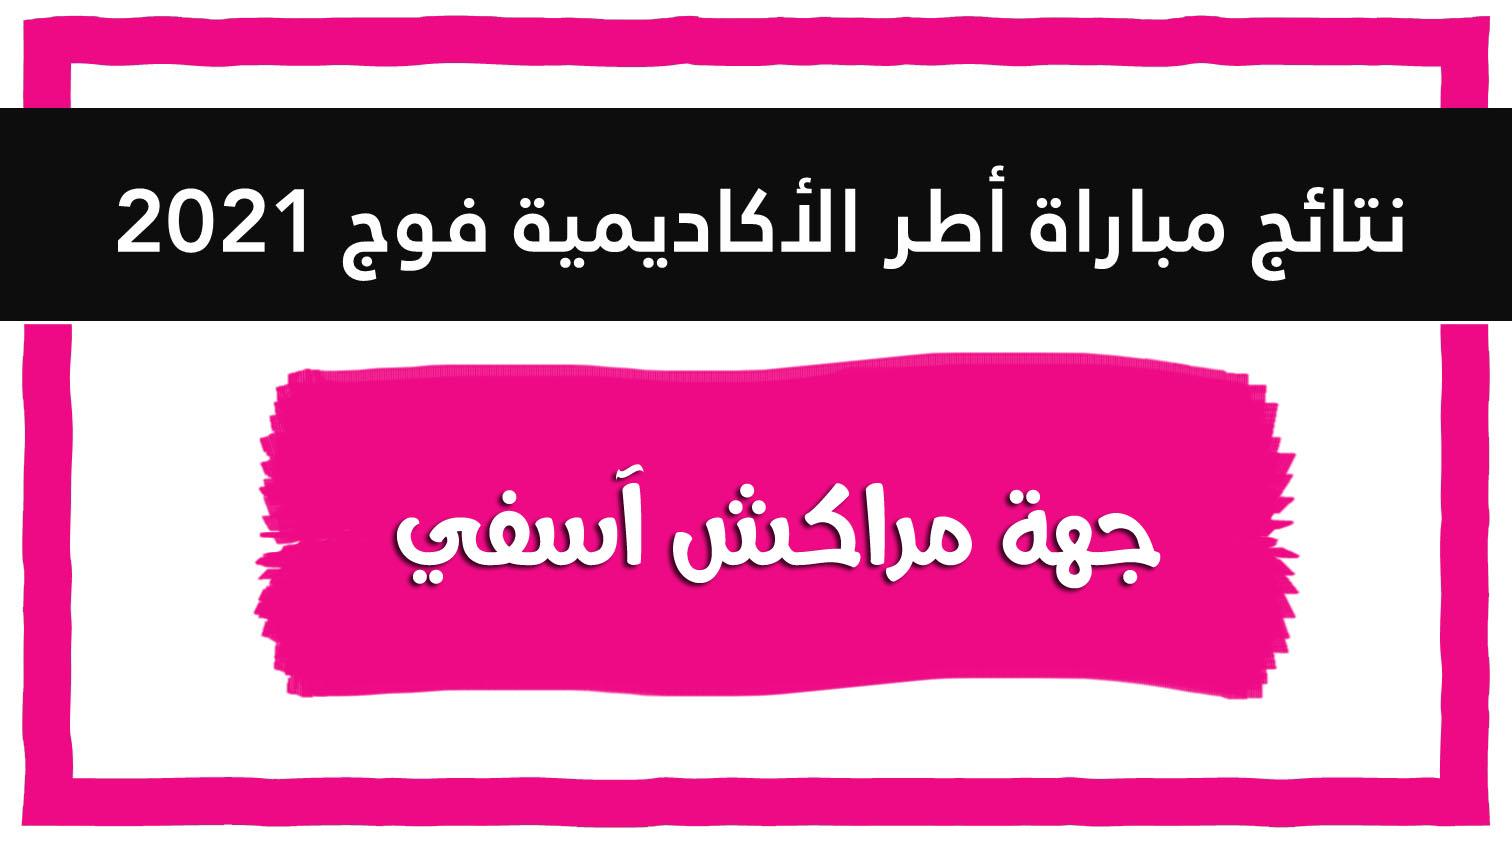 اللوائح النهائية للناجحين في مباراة توظيف الأساتذة أطر الأكاديميات لجهة مراكش آسفي 2020